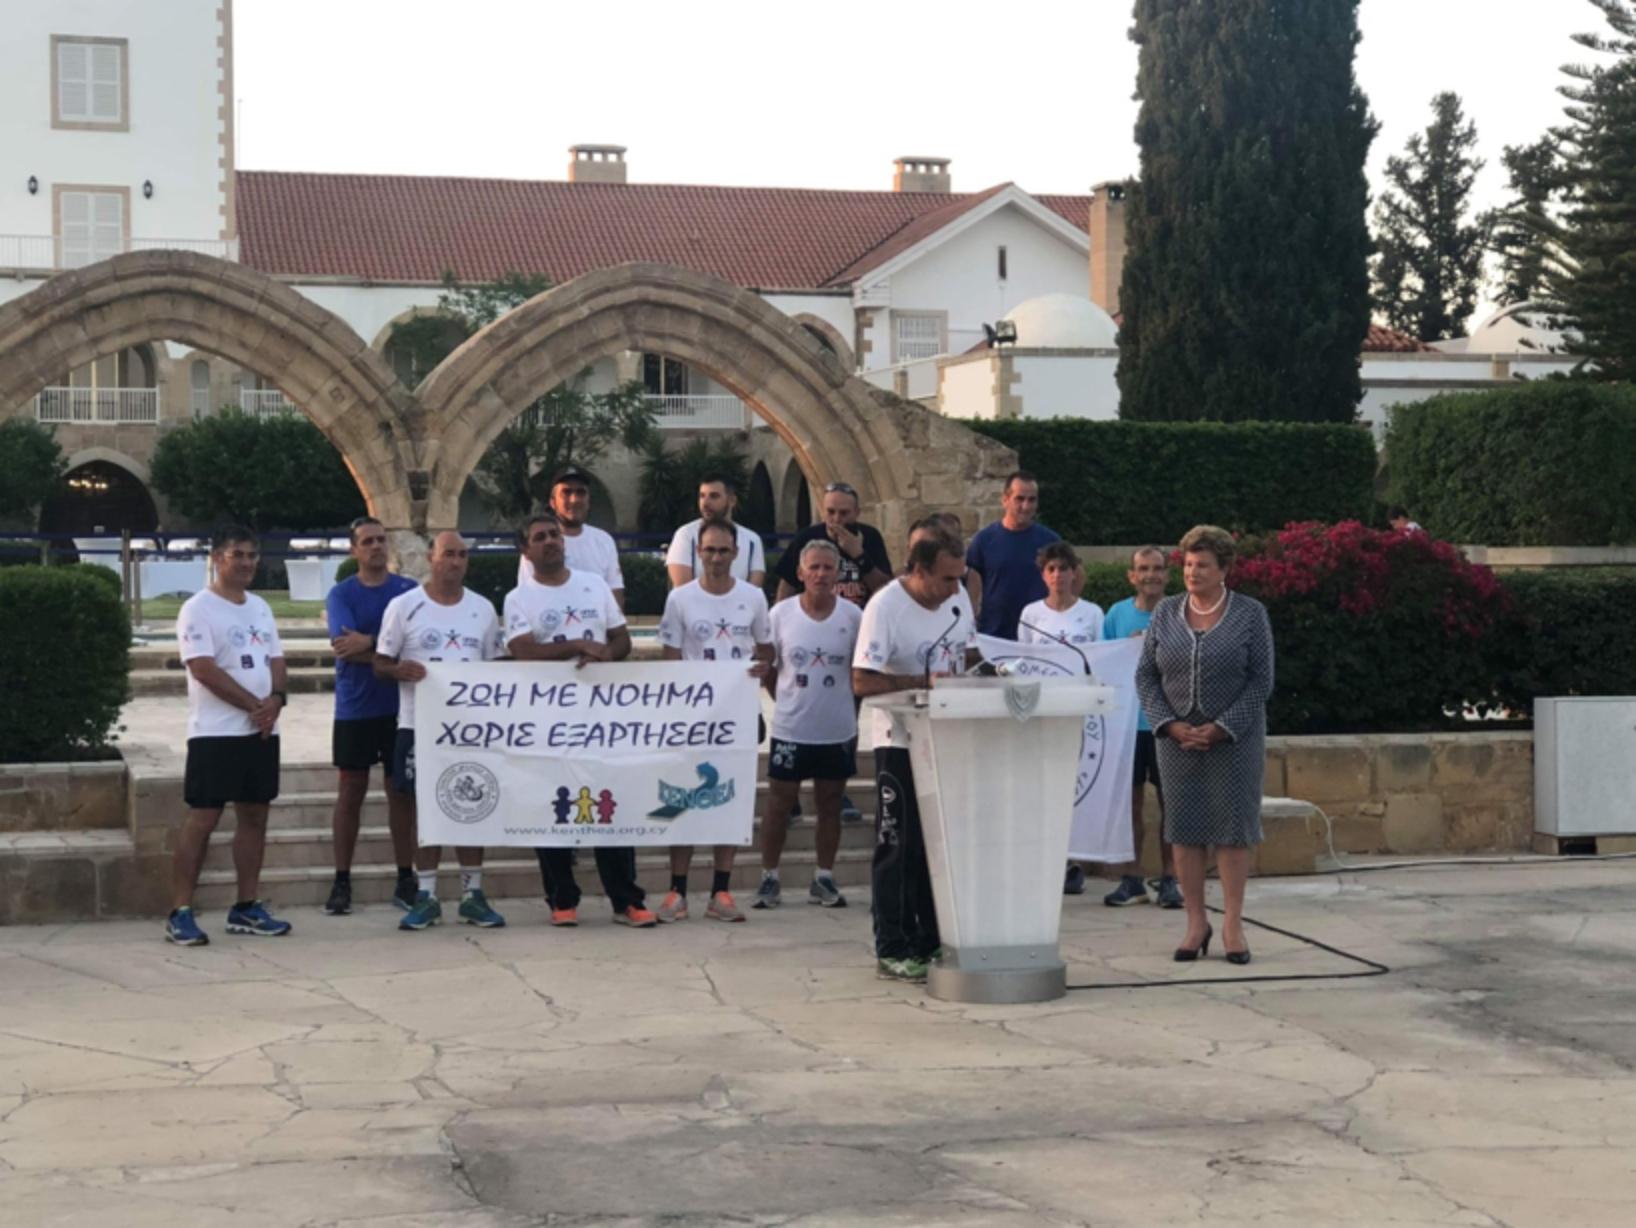 Αθλητικό Μήνυμα από τους δρομείς του σωματείου δρομέων Κύπρου «Περικλής Δημητρίου»